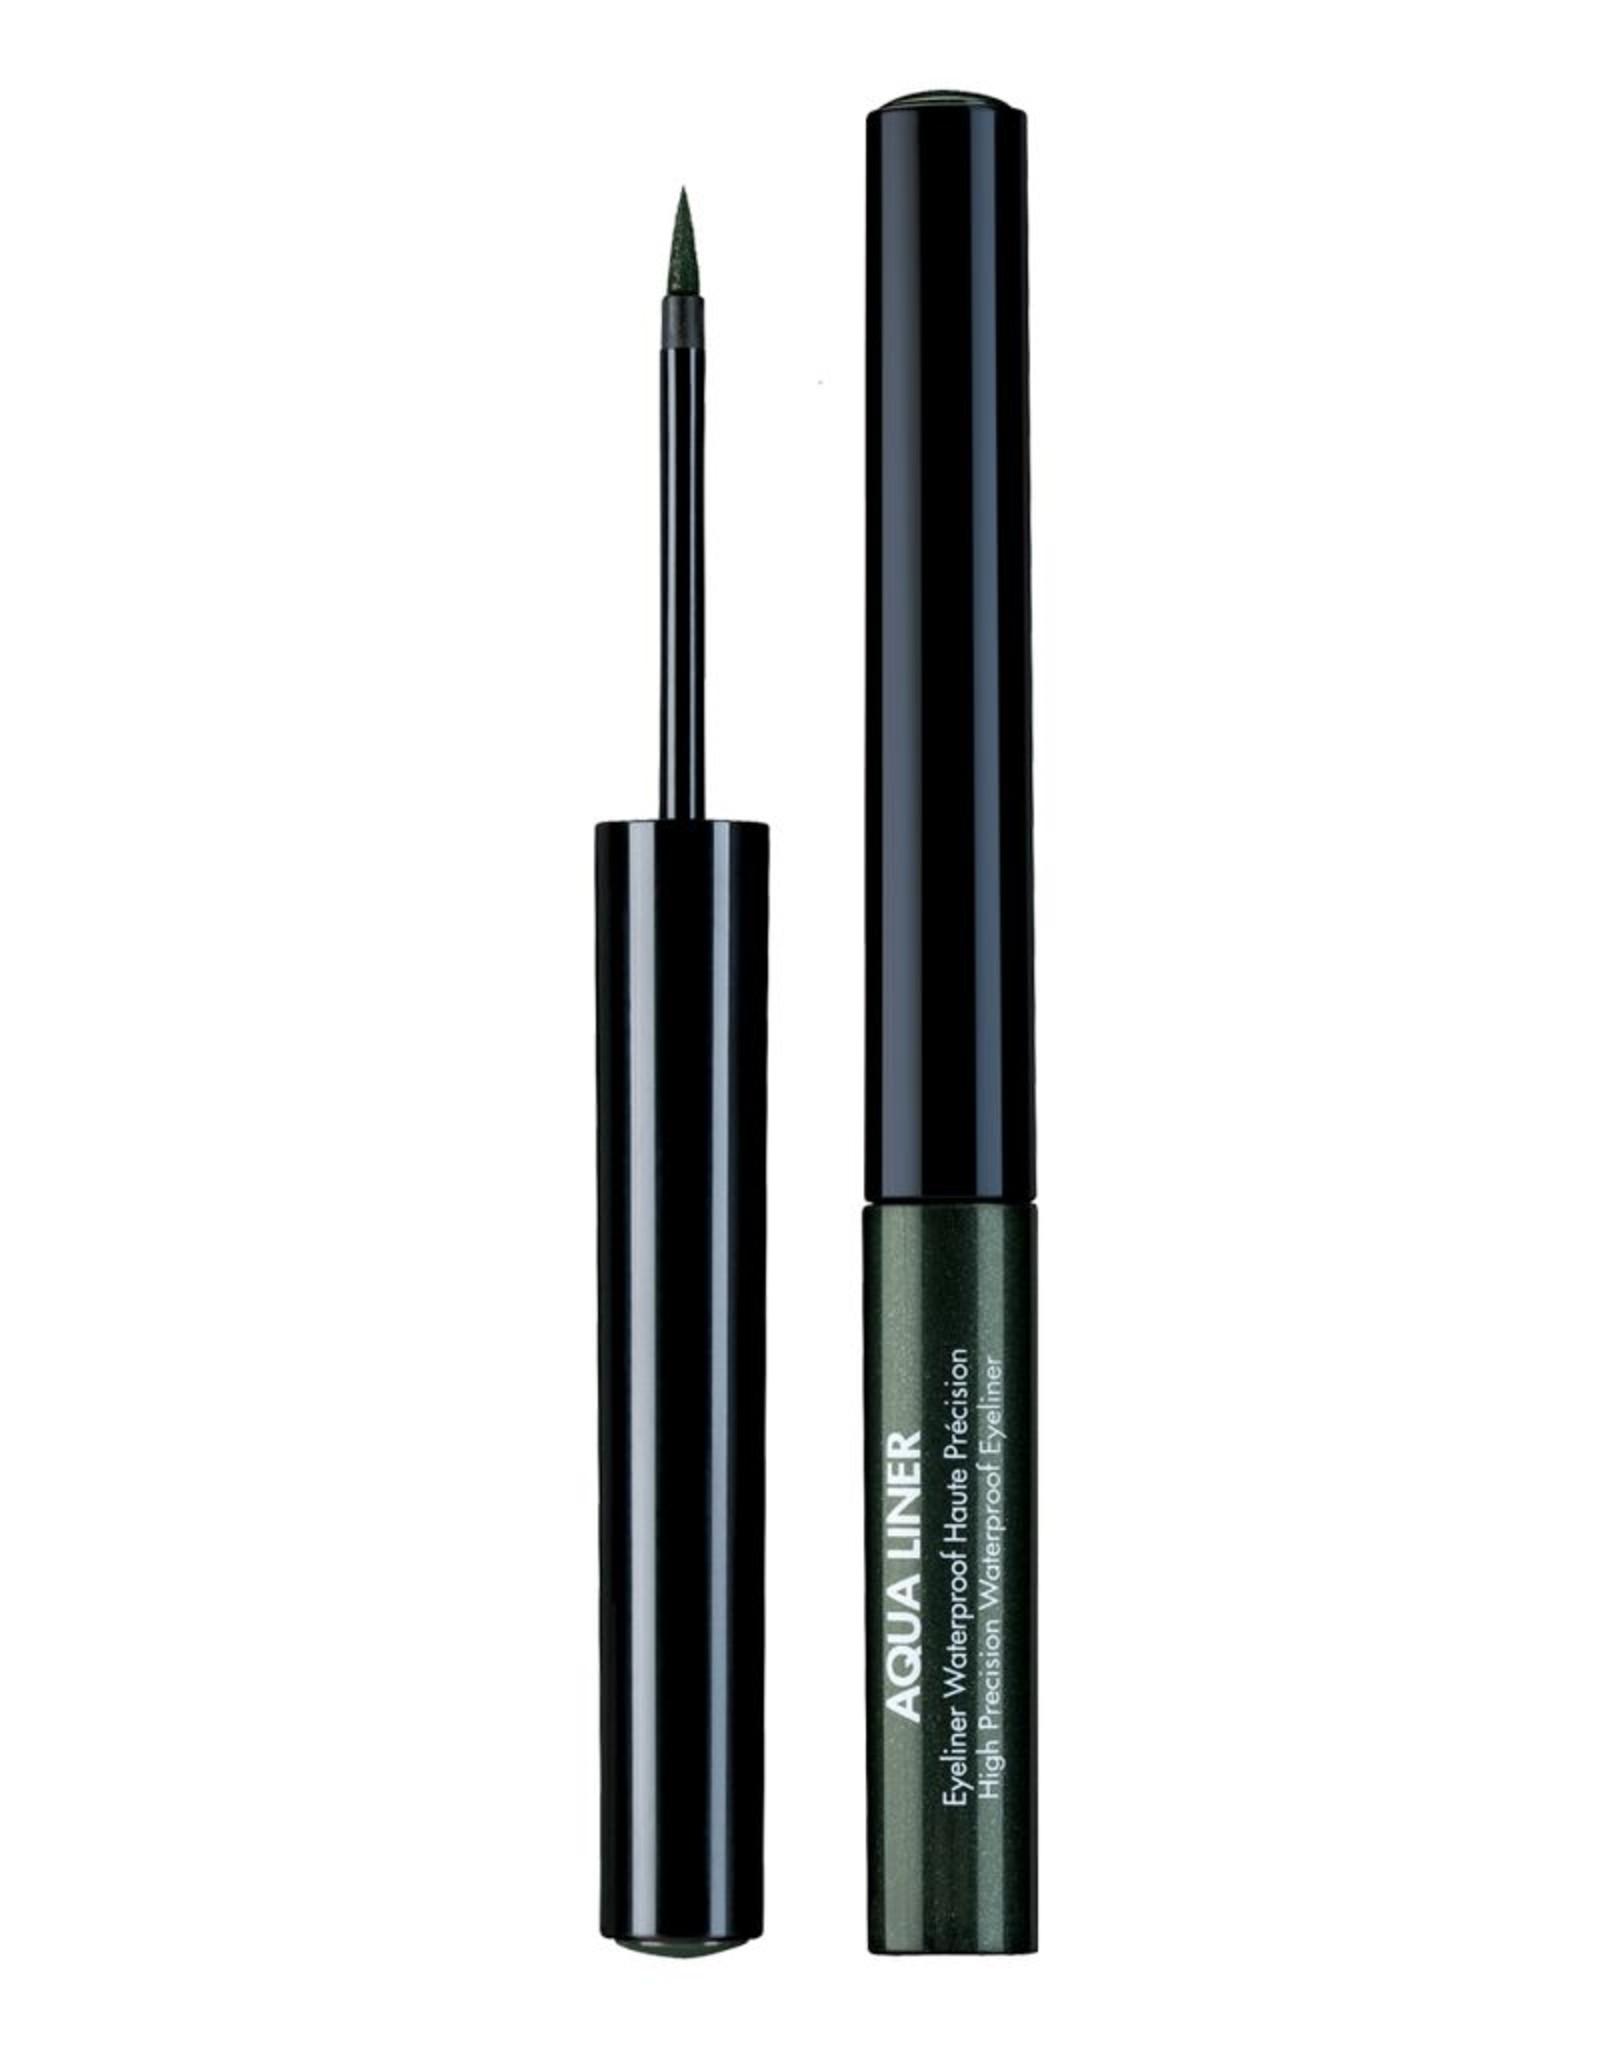 MUFE AQUALINER  1,7ml WPFN3 Vert Emeraude Irise / Iridescent Emerald Green